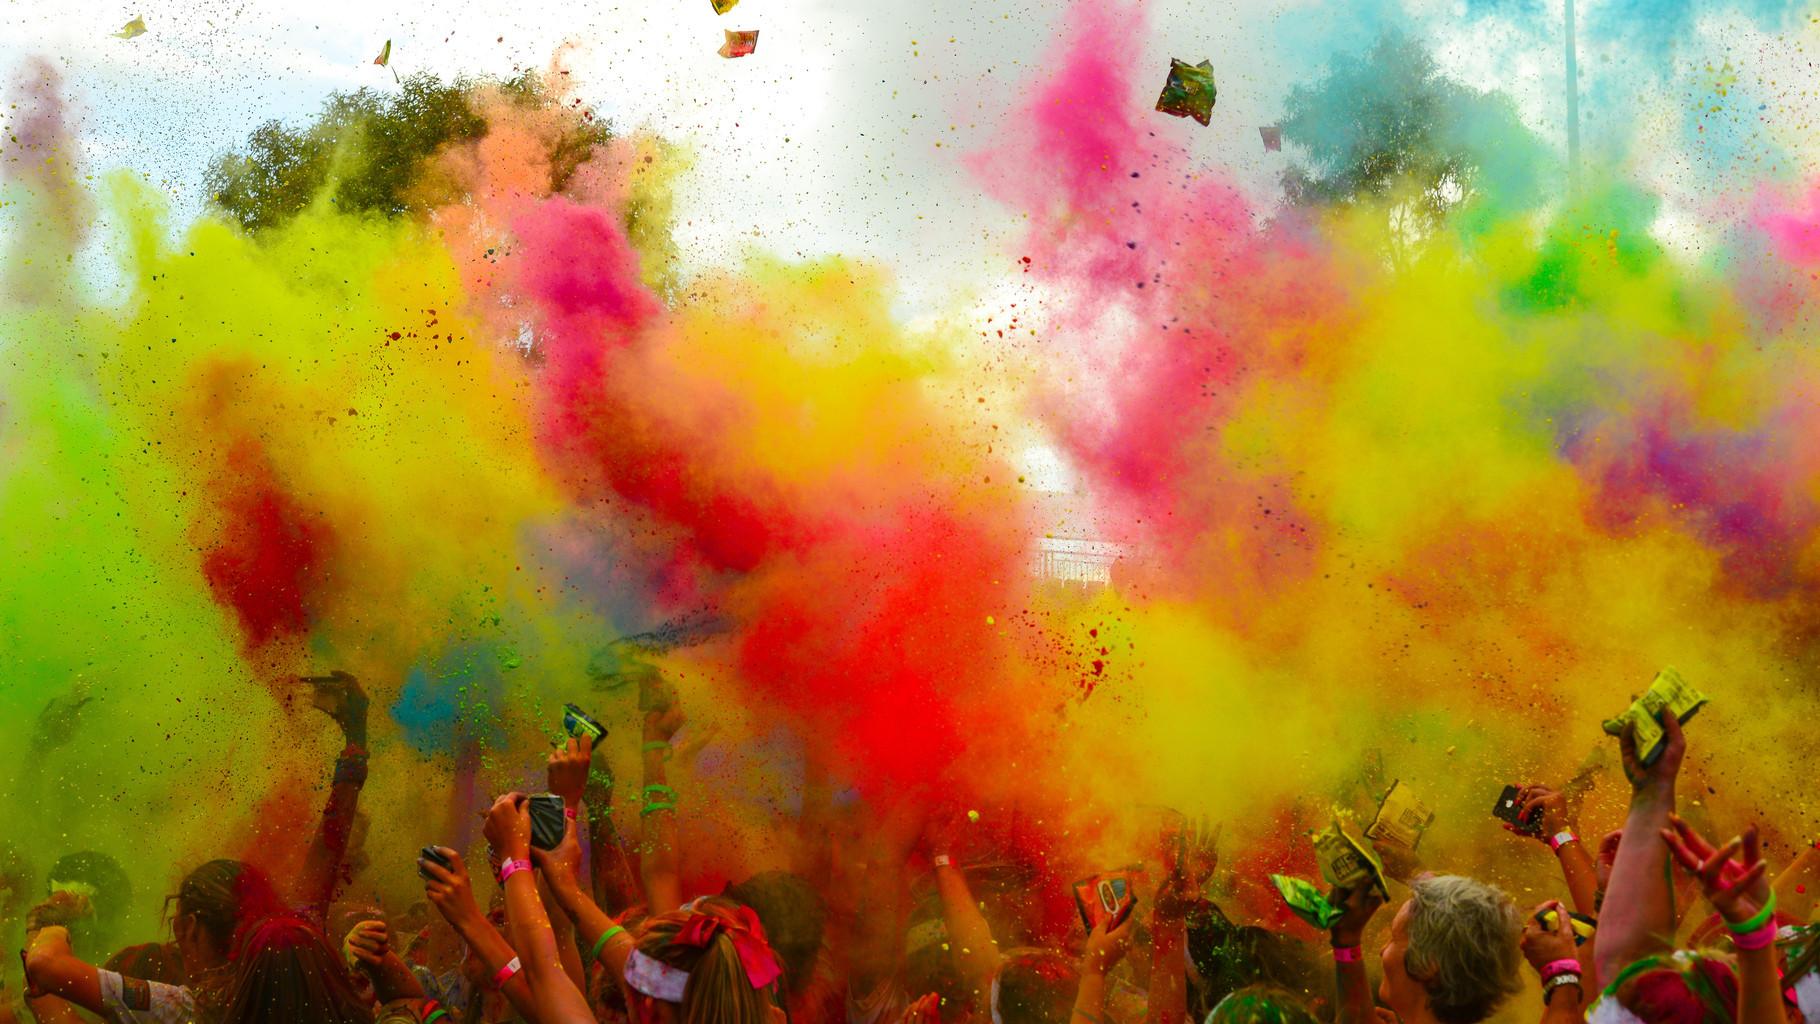 Psicolog a del color en el dise o web parte 1 jimdo for Paginas web sobre turismo